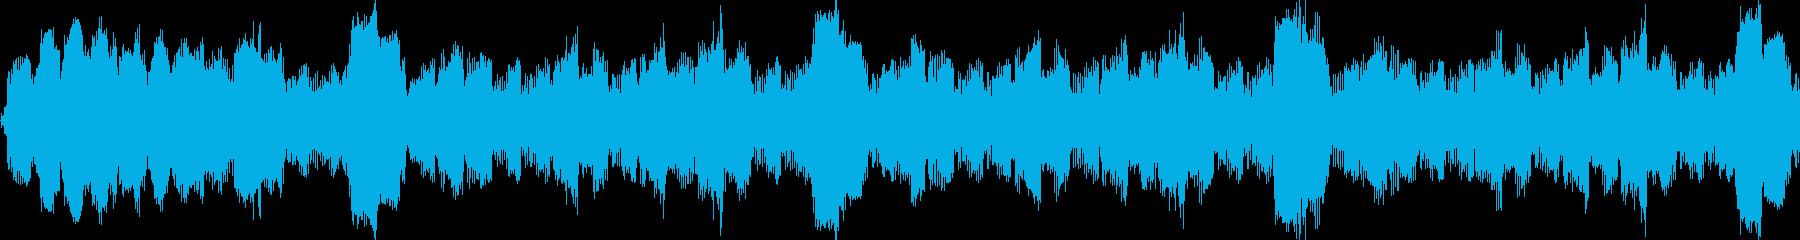 ロボットが動くの再生済みの波形